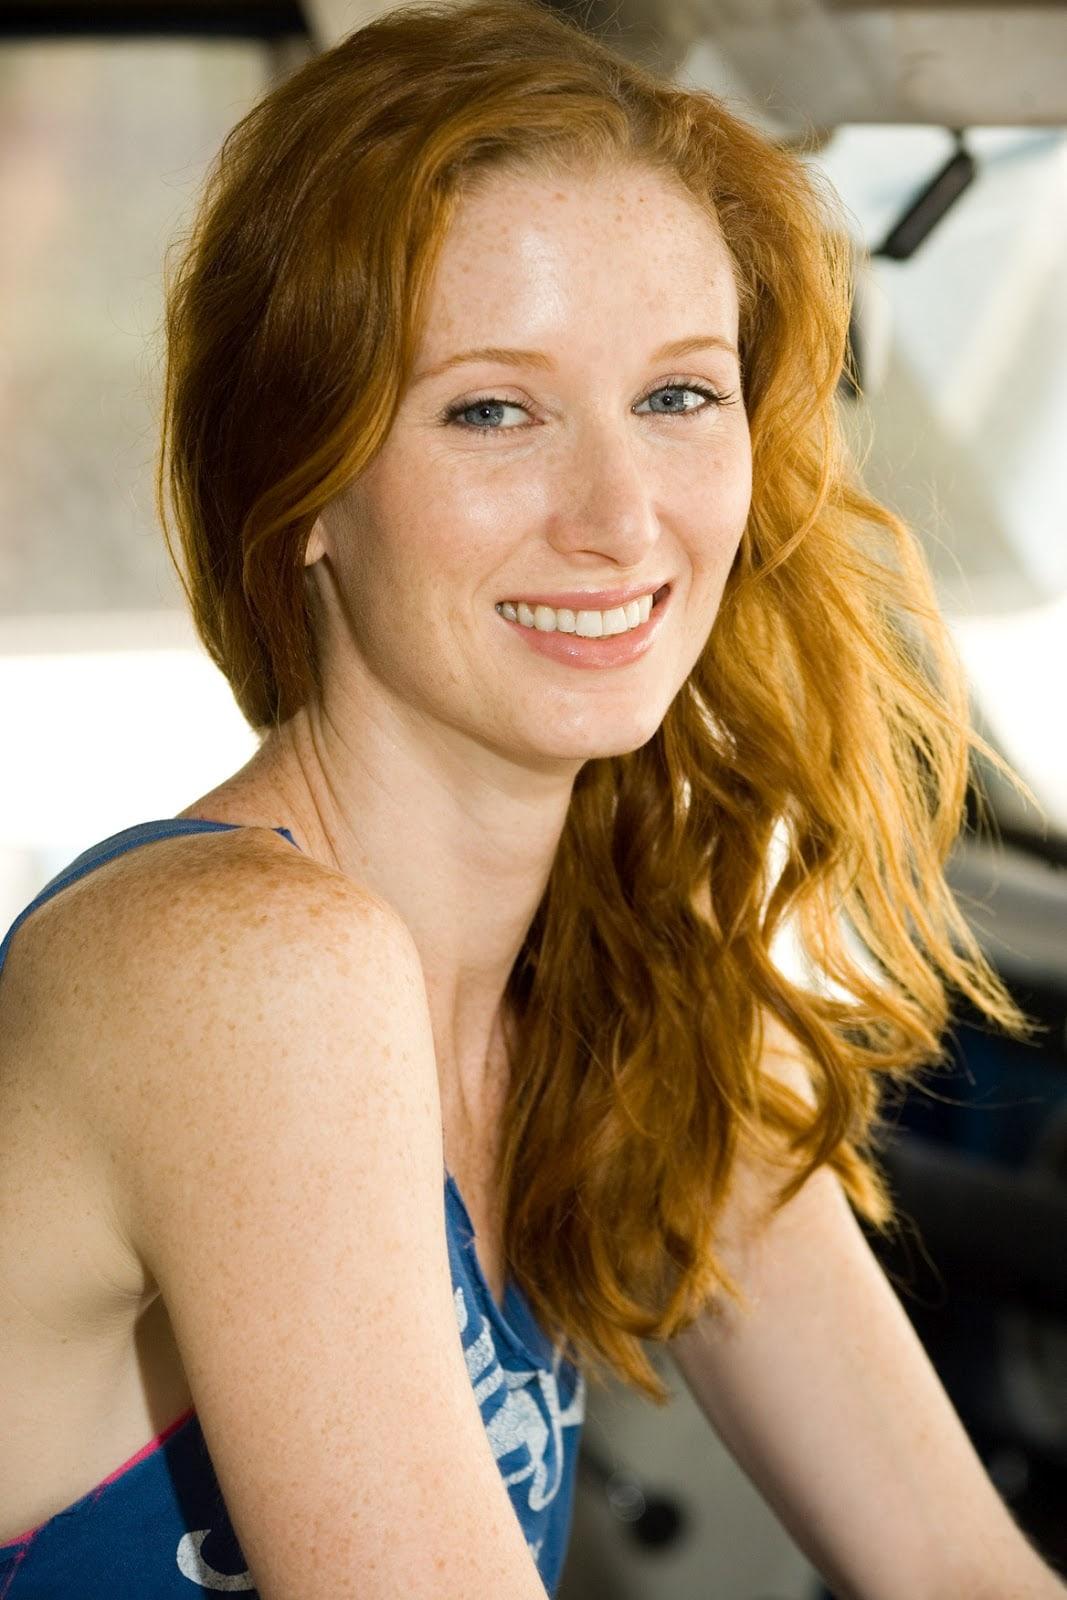 Picture of Jill Evyn